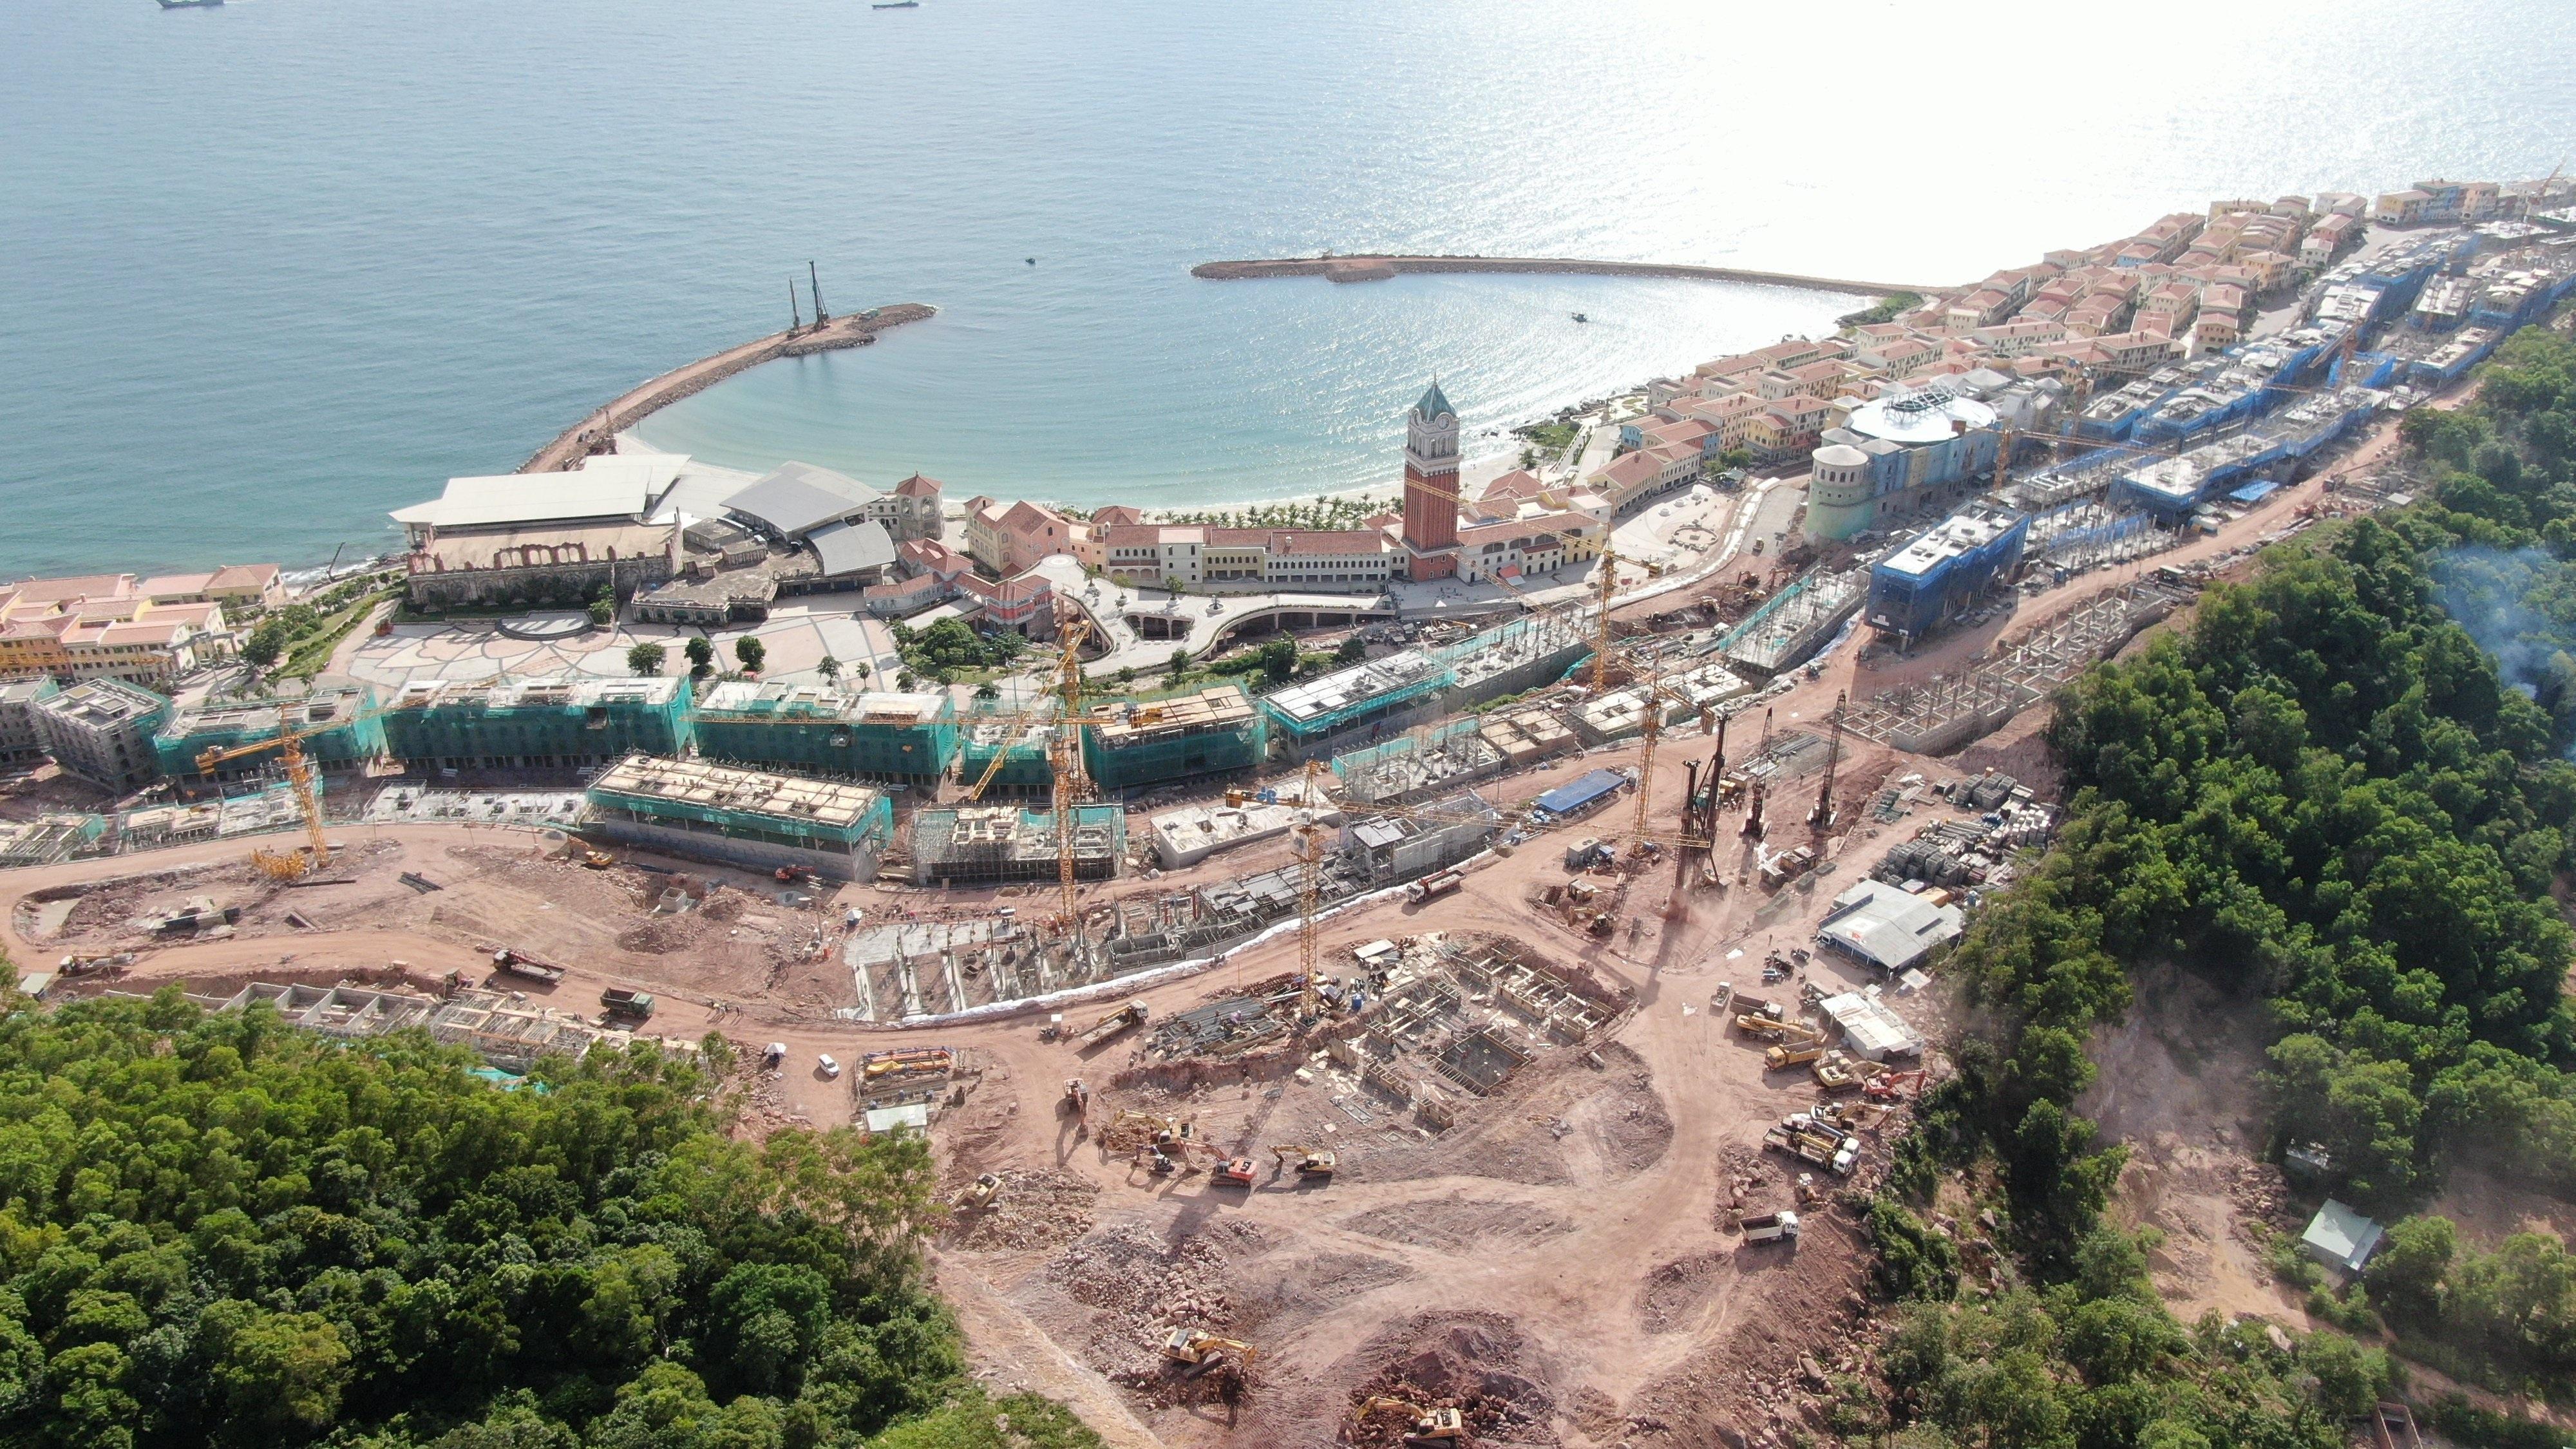 Nhà đầu tư nước ngoài rục rịch tìm đất, tuyển lao động tại Phú Quốc